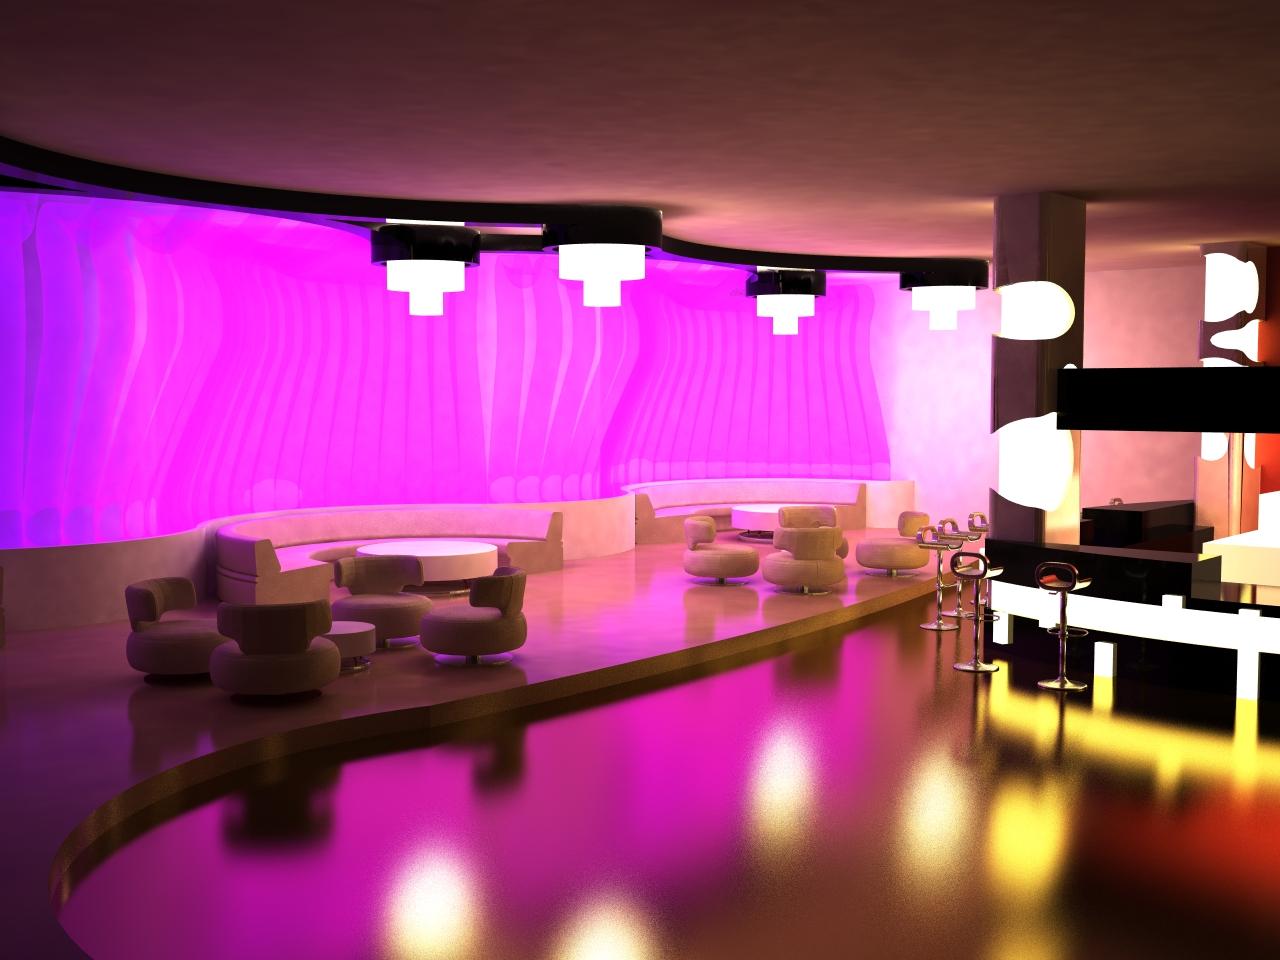 Boite de nuit lounge for Exterieur boite de nuit